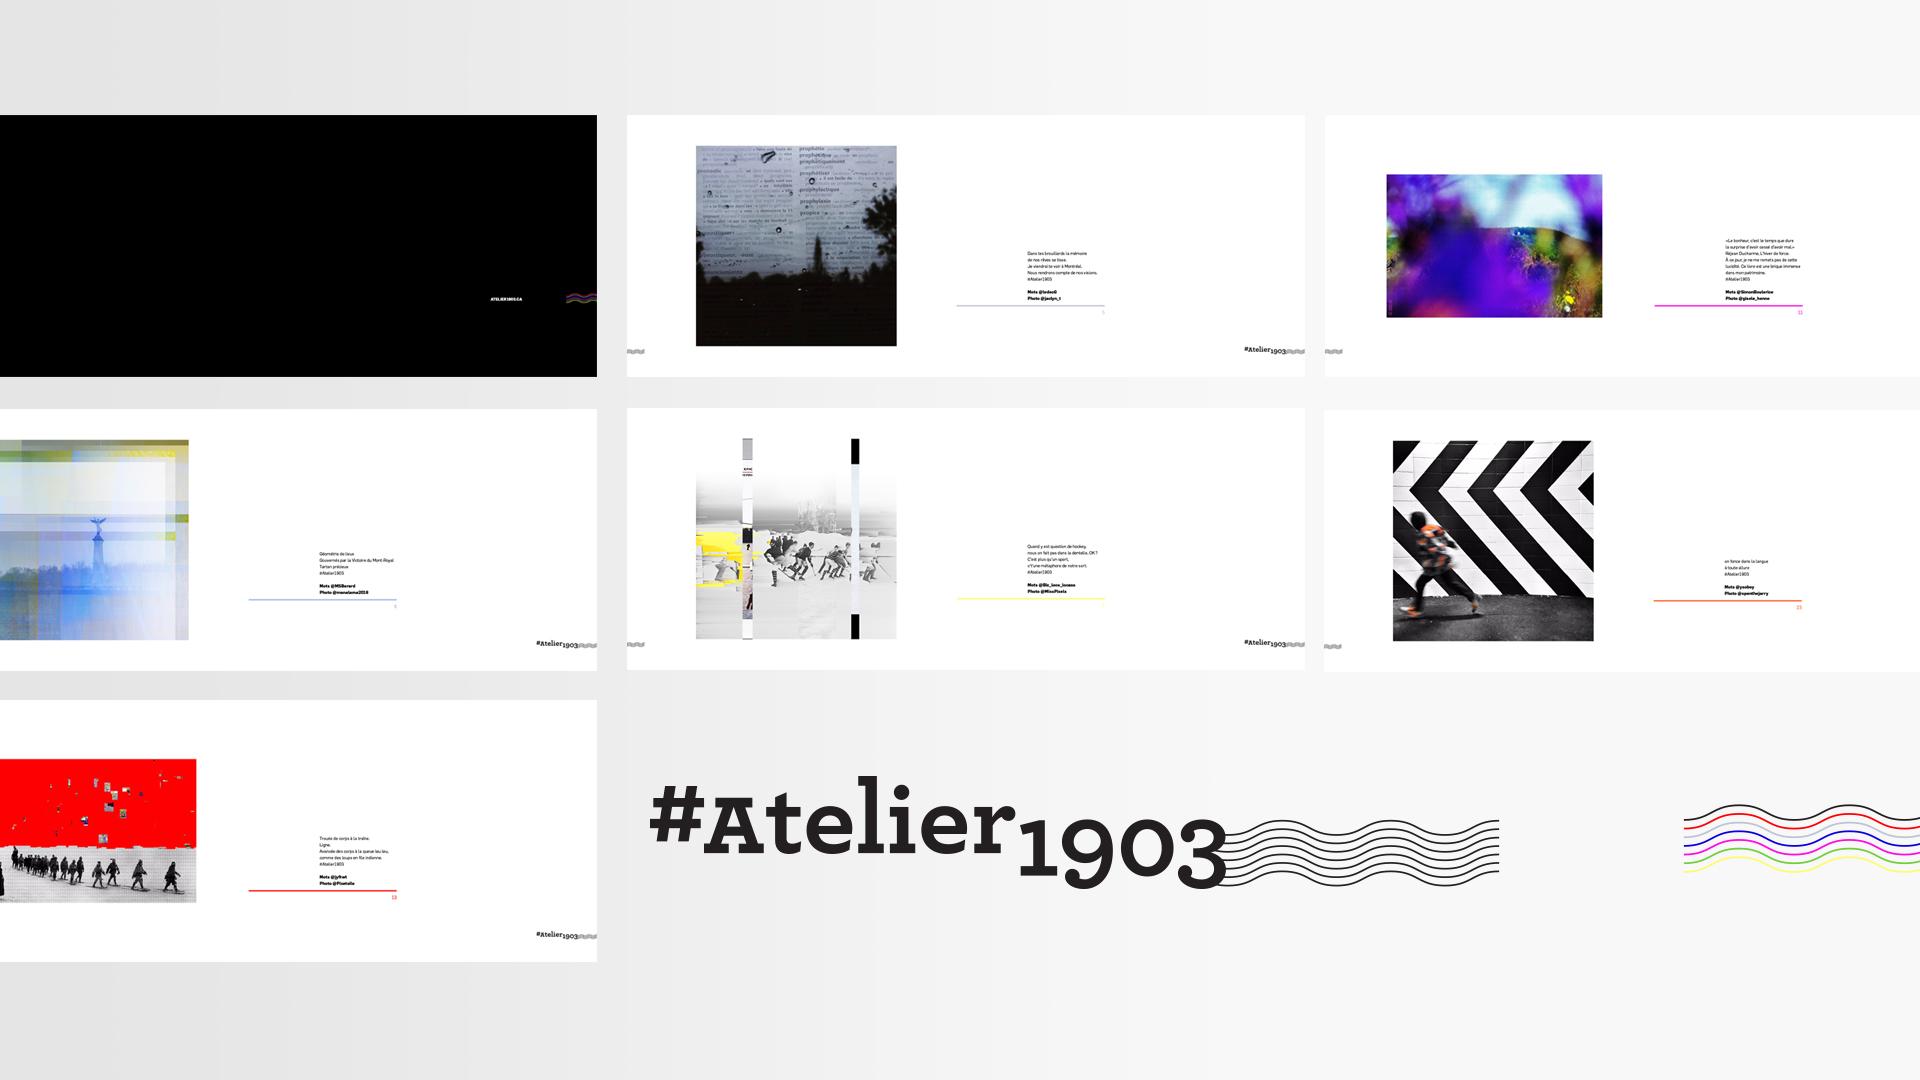 atelier1903 vignette.jpg